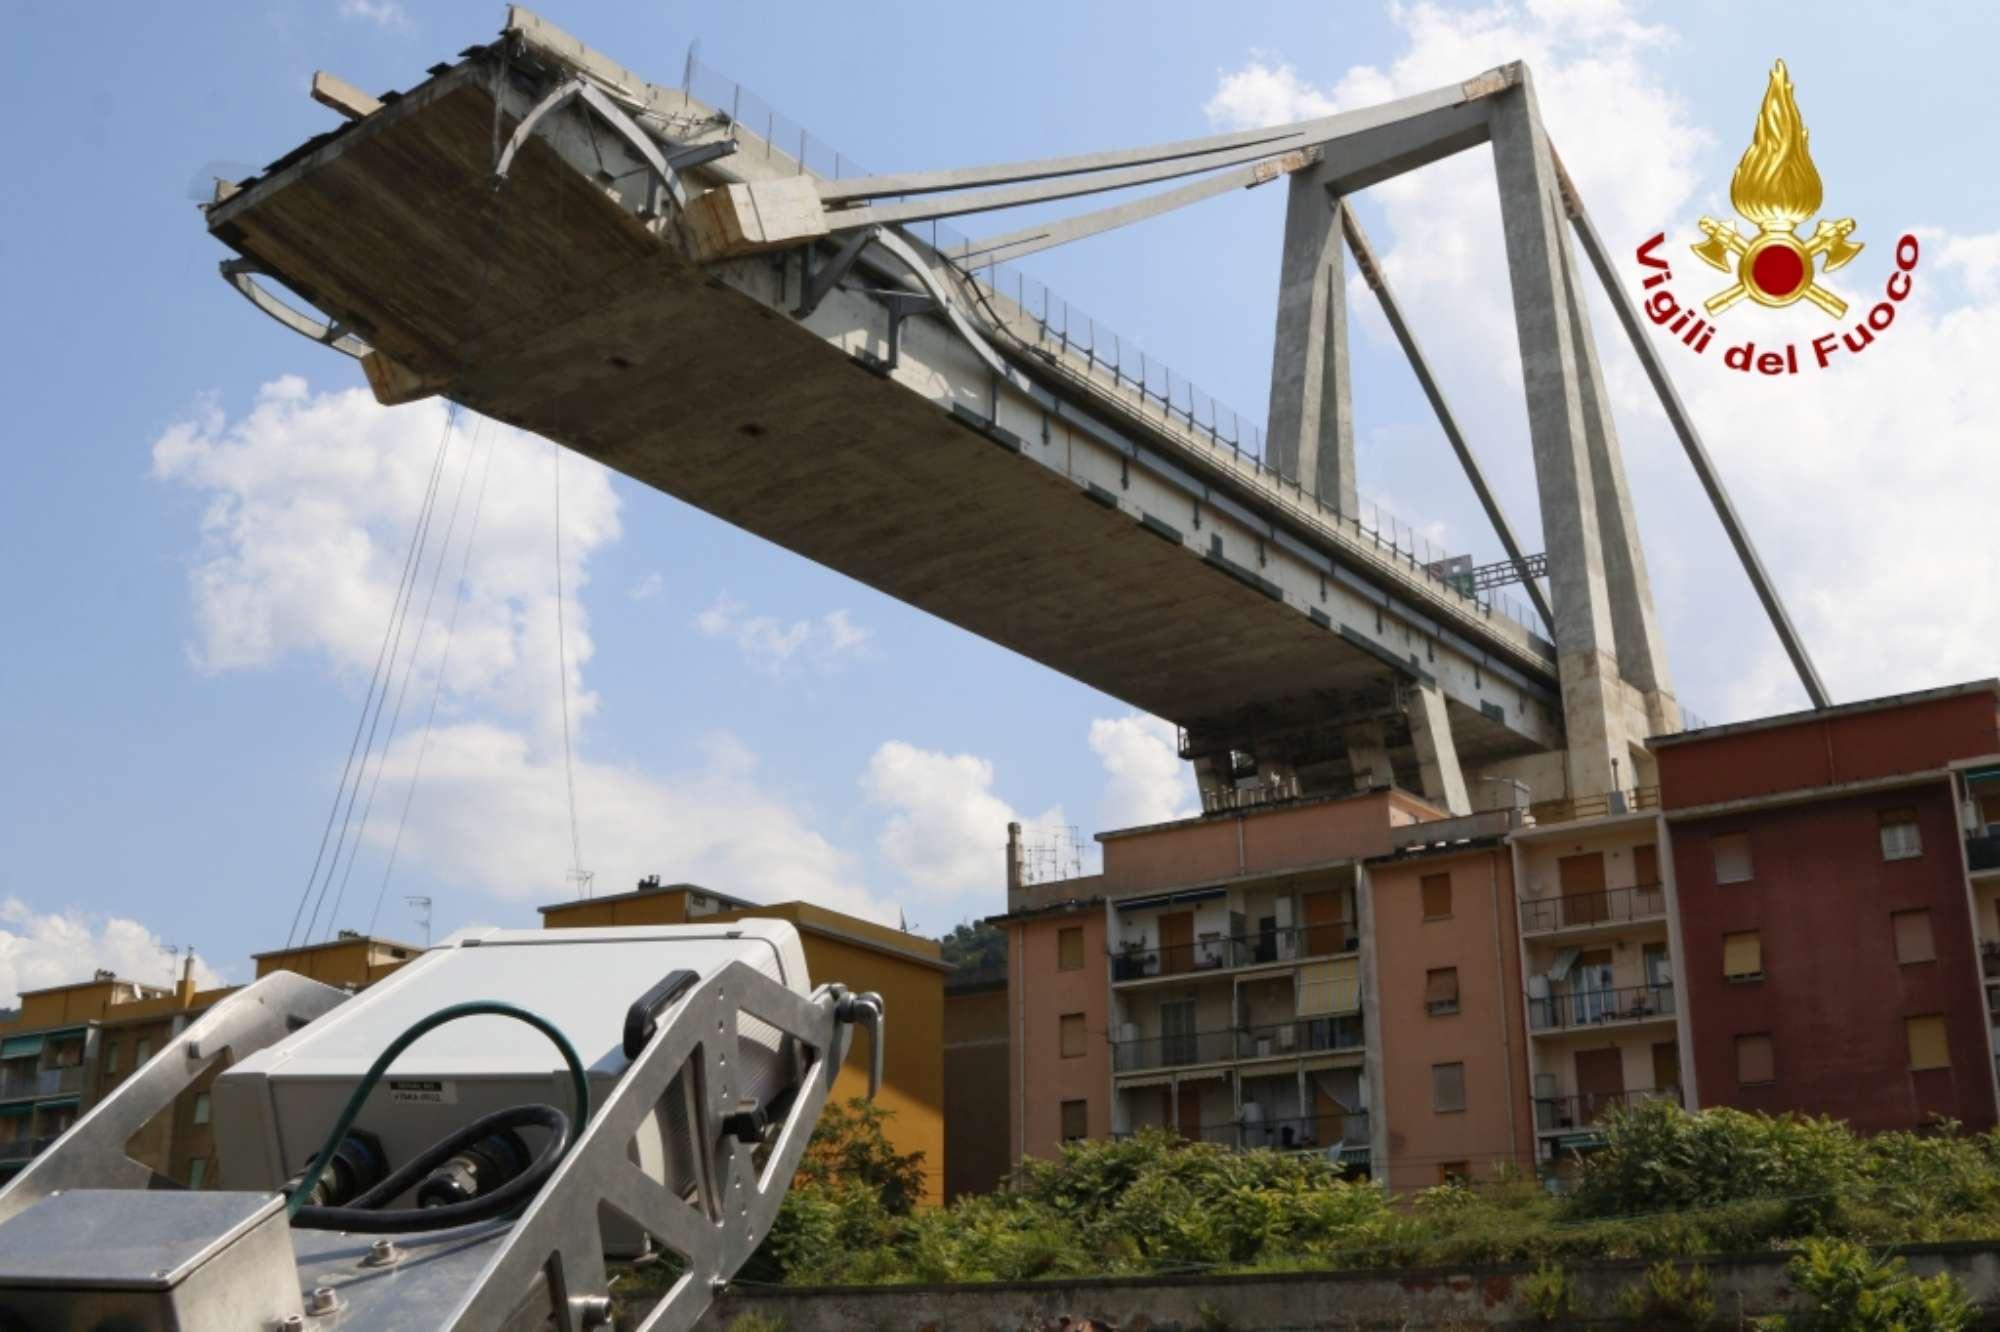 Genova, posizionato il georadar per monitorare il ponte